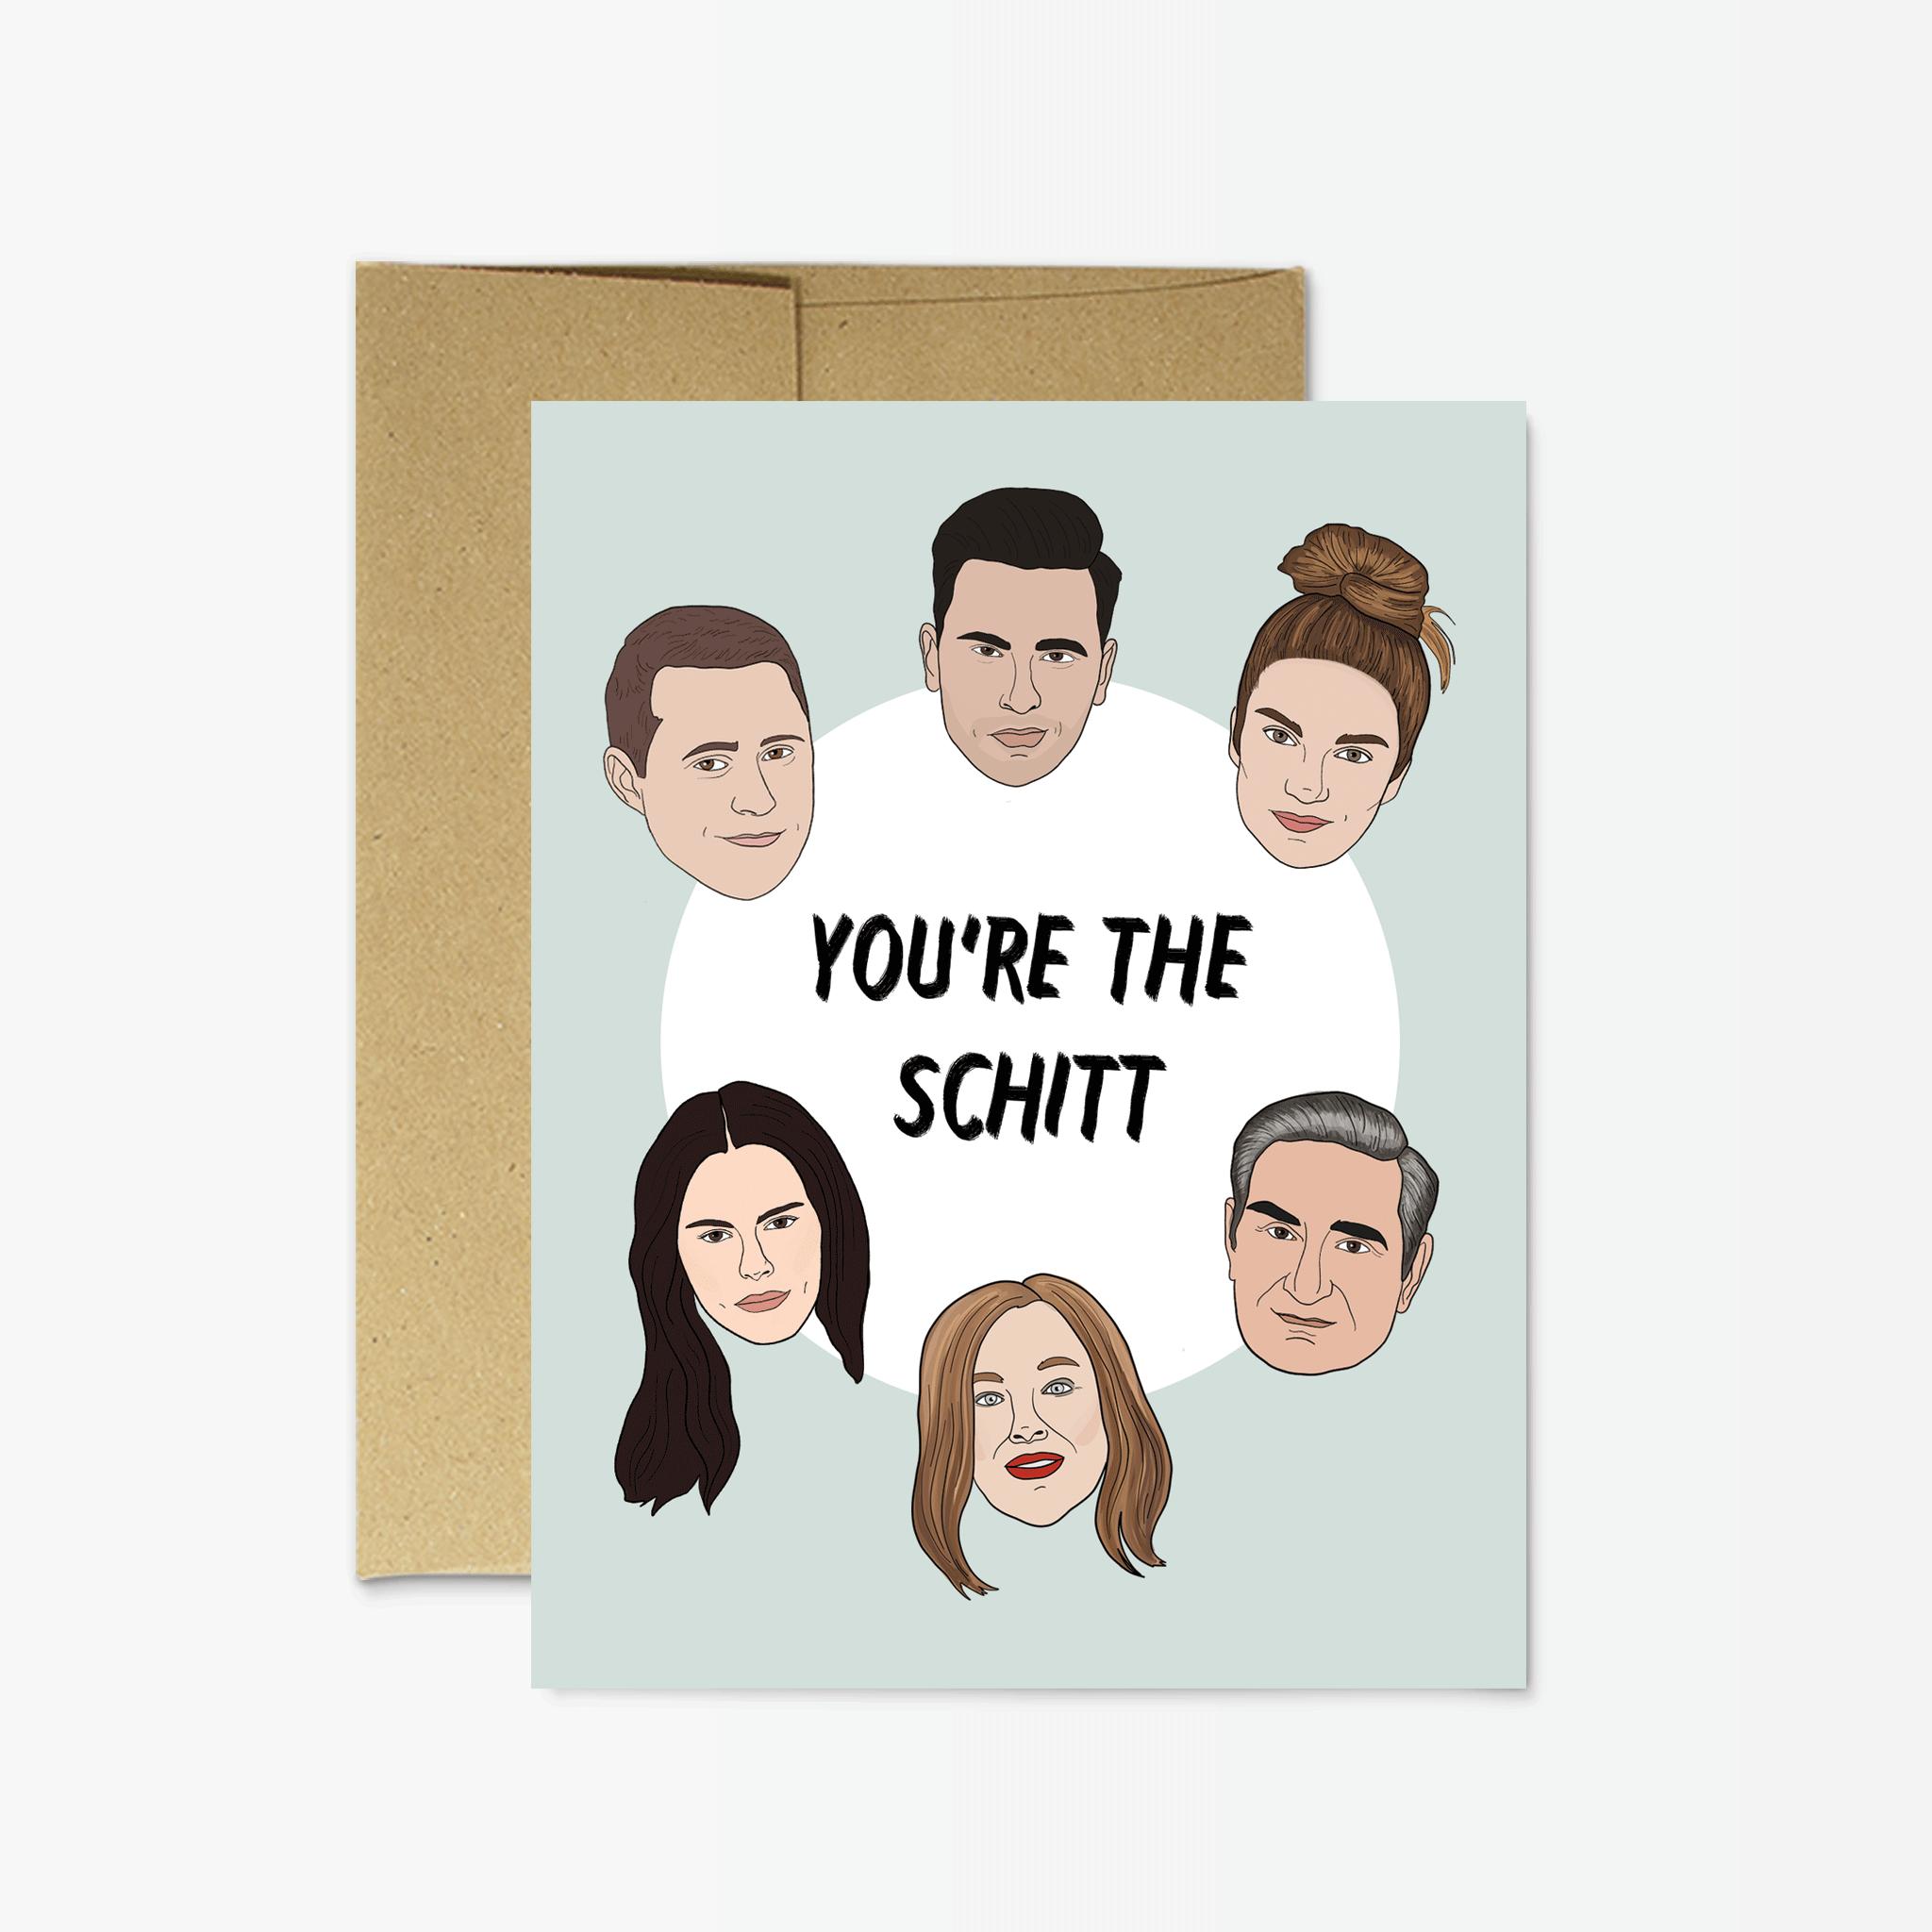 Party Mountain Paper Schitt's Creek You're The Schitt Greeting Card